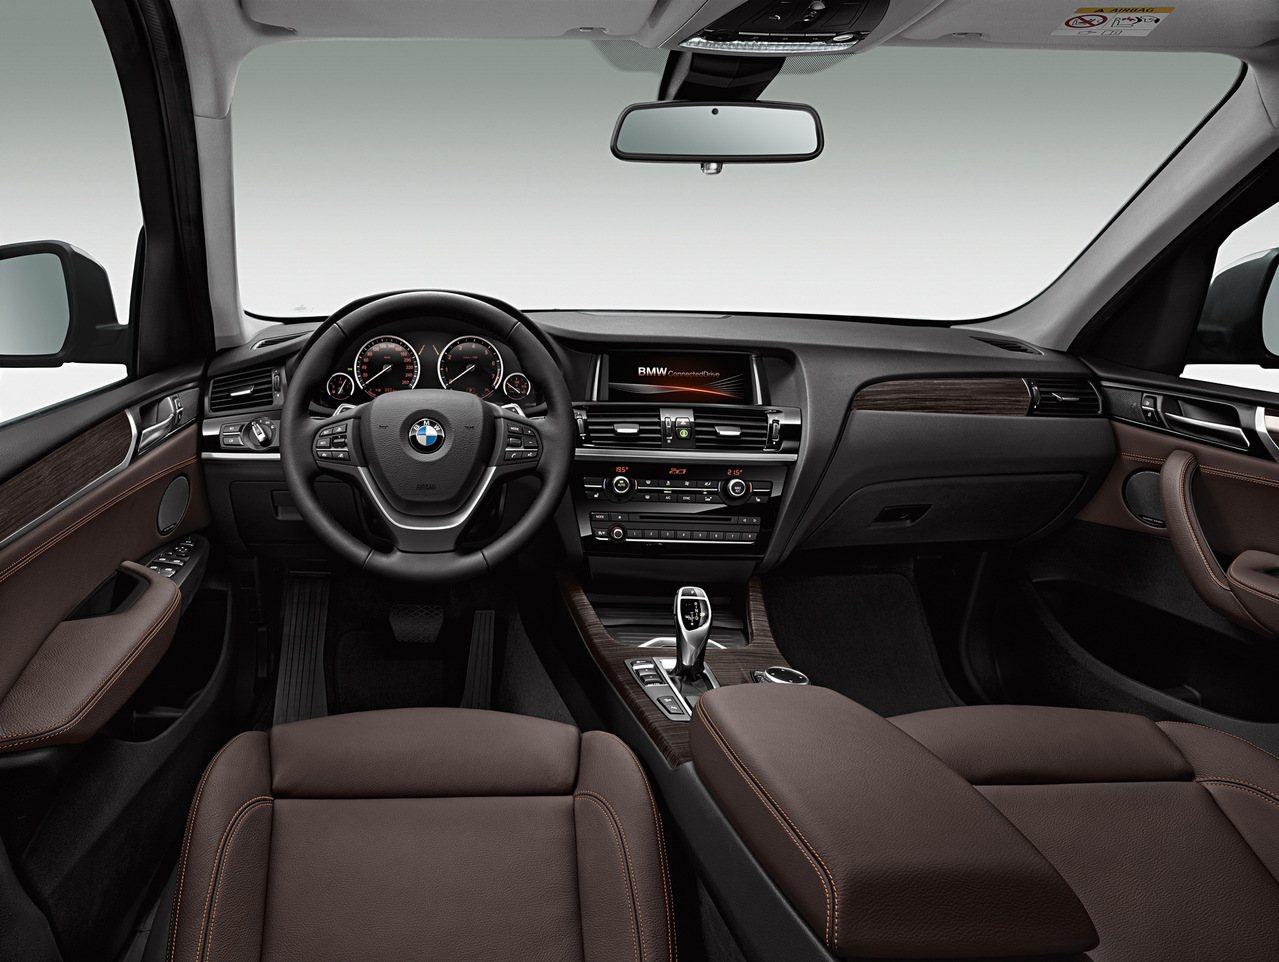 BMW X3智能領航版升級BMW智能衛星導航含8.8吋中控顯示幕。圖/汎德提供